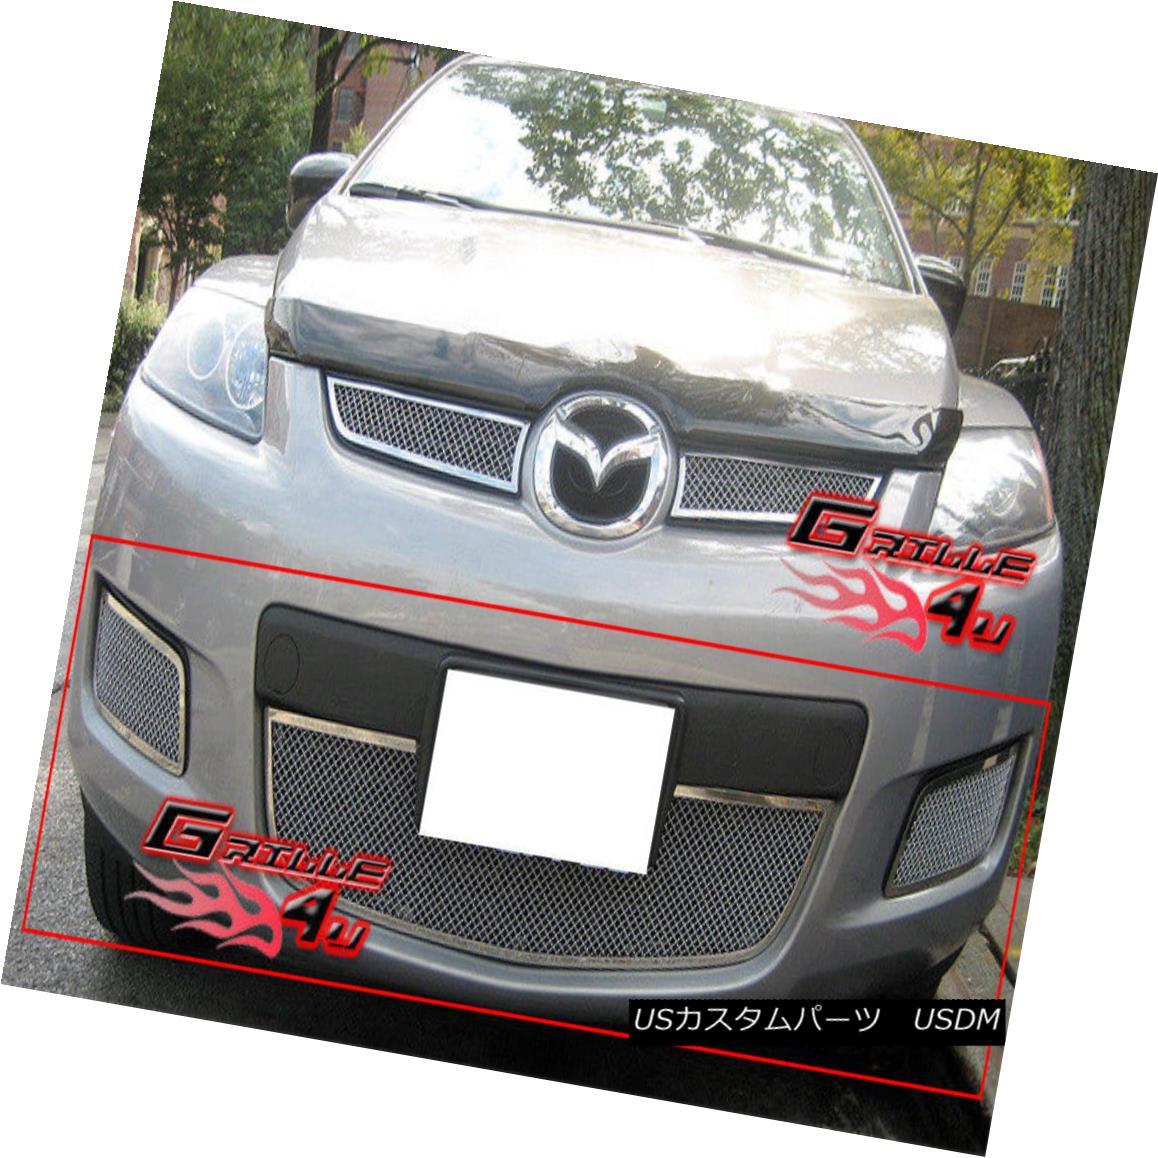 グリル For 07-09 Mazda CX-7 Bumper Stainless Mesh Grille Insert 07-09マツダCX-7バンパーステンレスメッシュグリルインサート